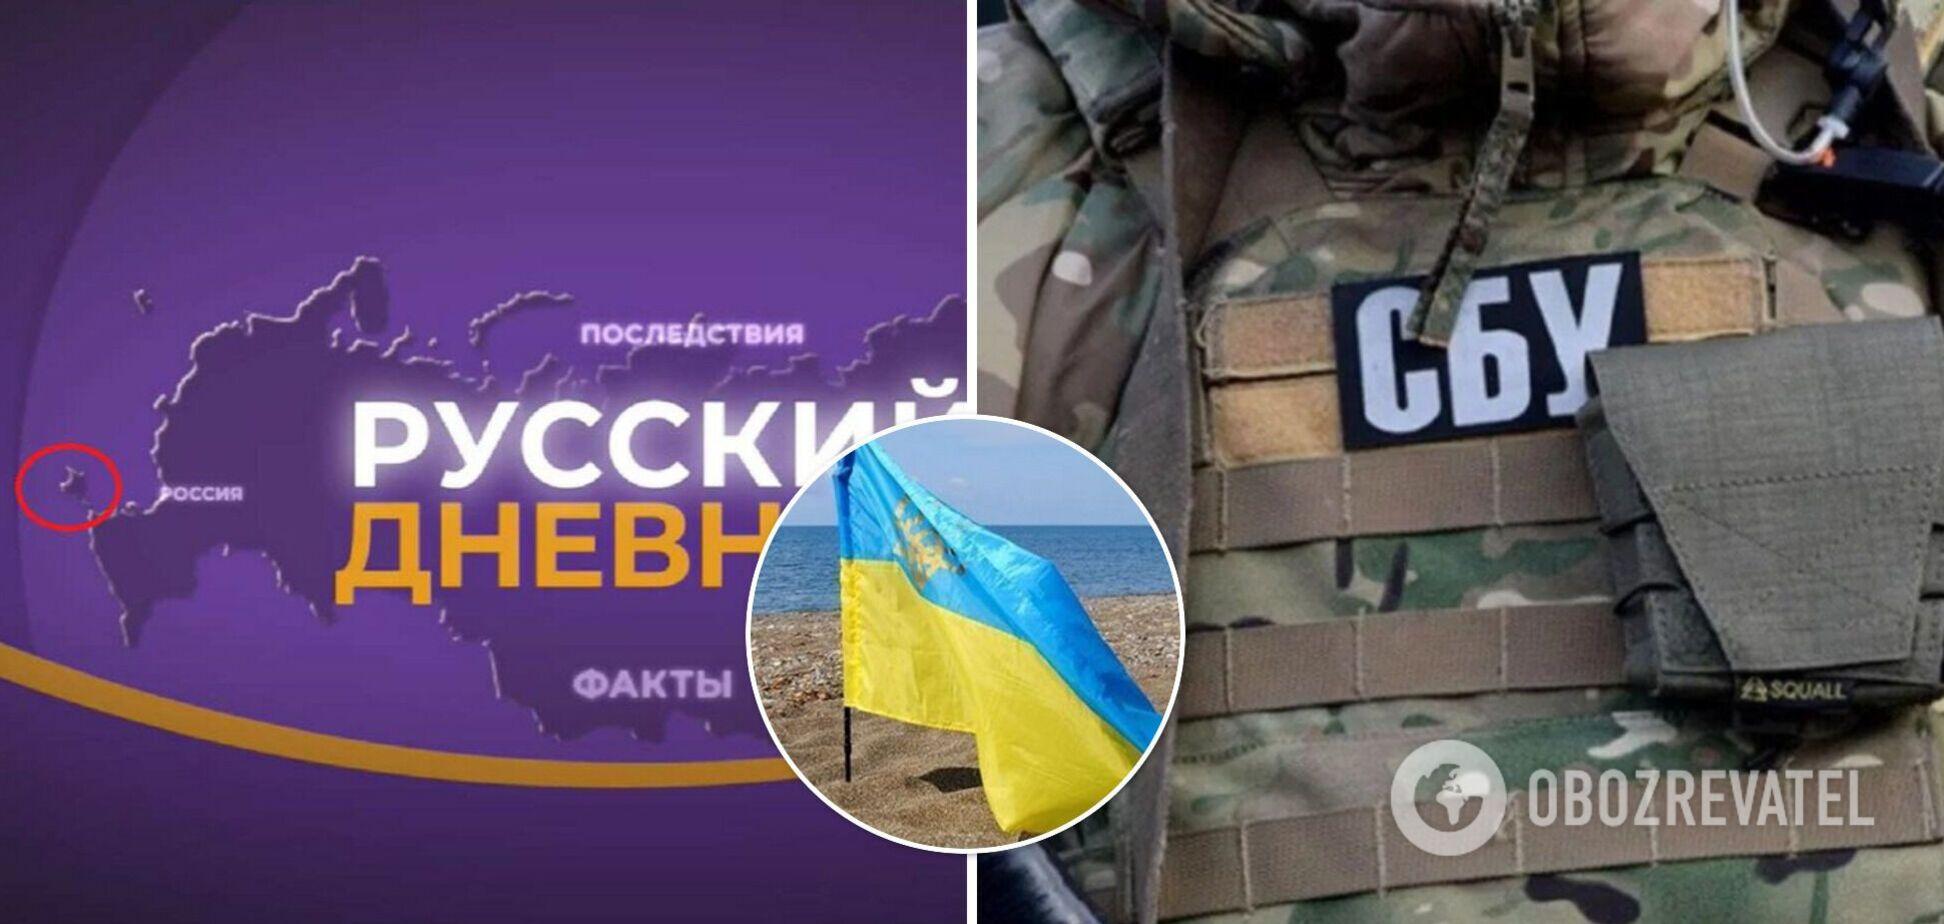 СБУ попросили выяснить, как в украинском эфире появилась карта РФ с оккупированным Крымом